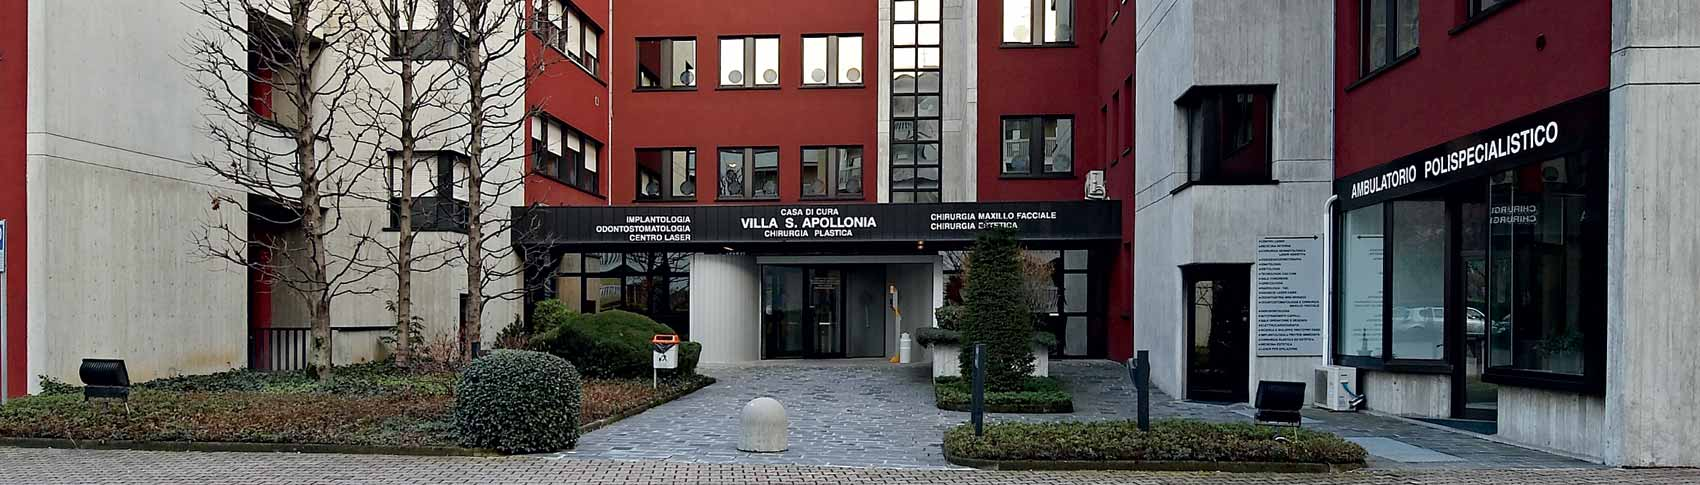 Villa Sant'Apollonia - Entrata